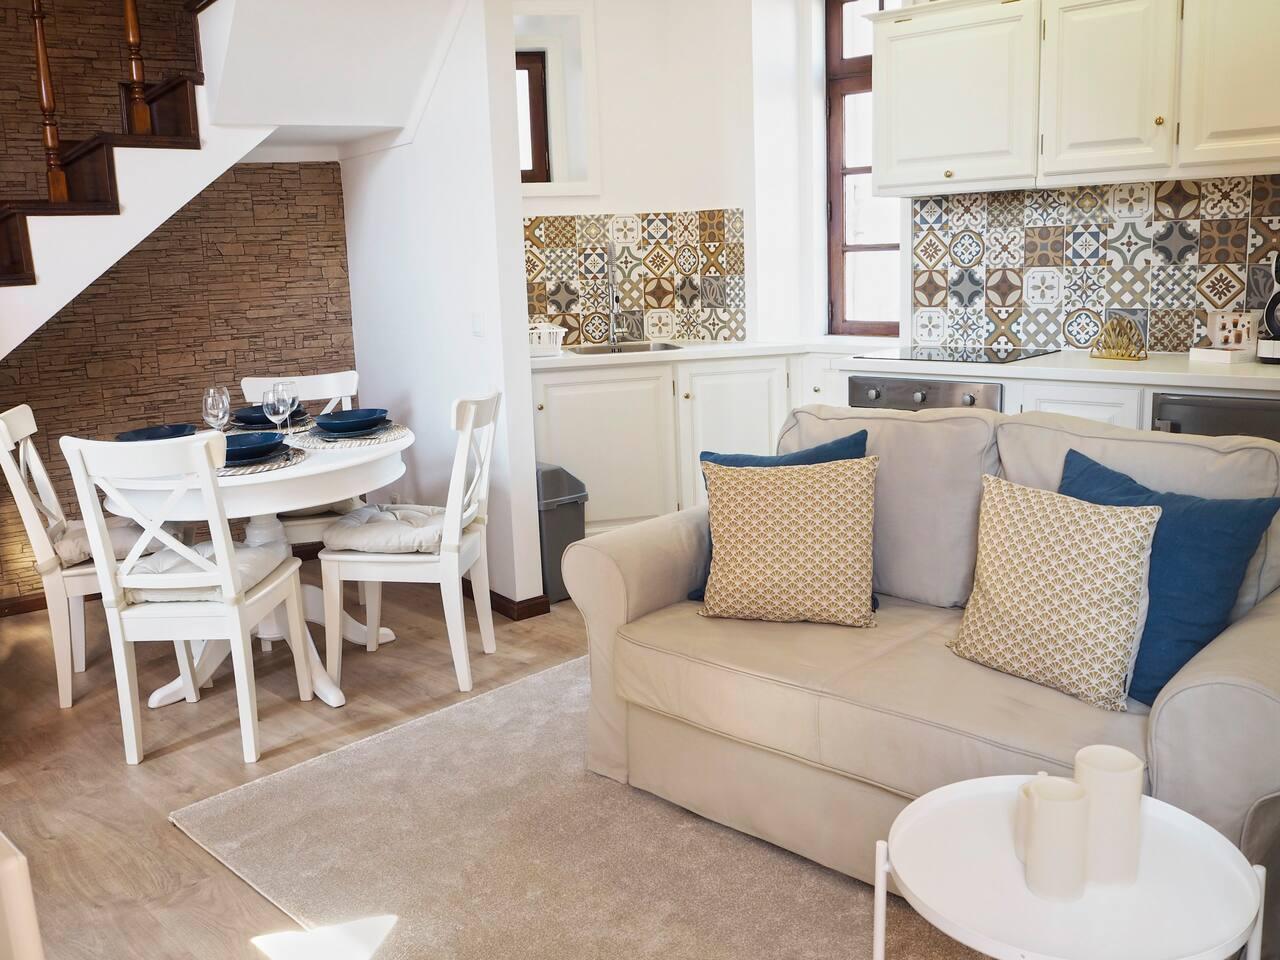 Um espaço confortável para se sentir em casa | A cozy space for you to feel at home.